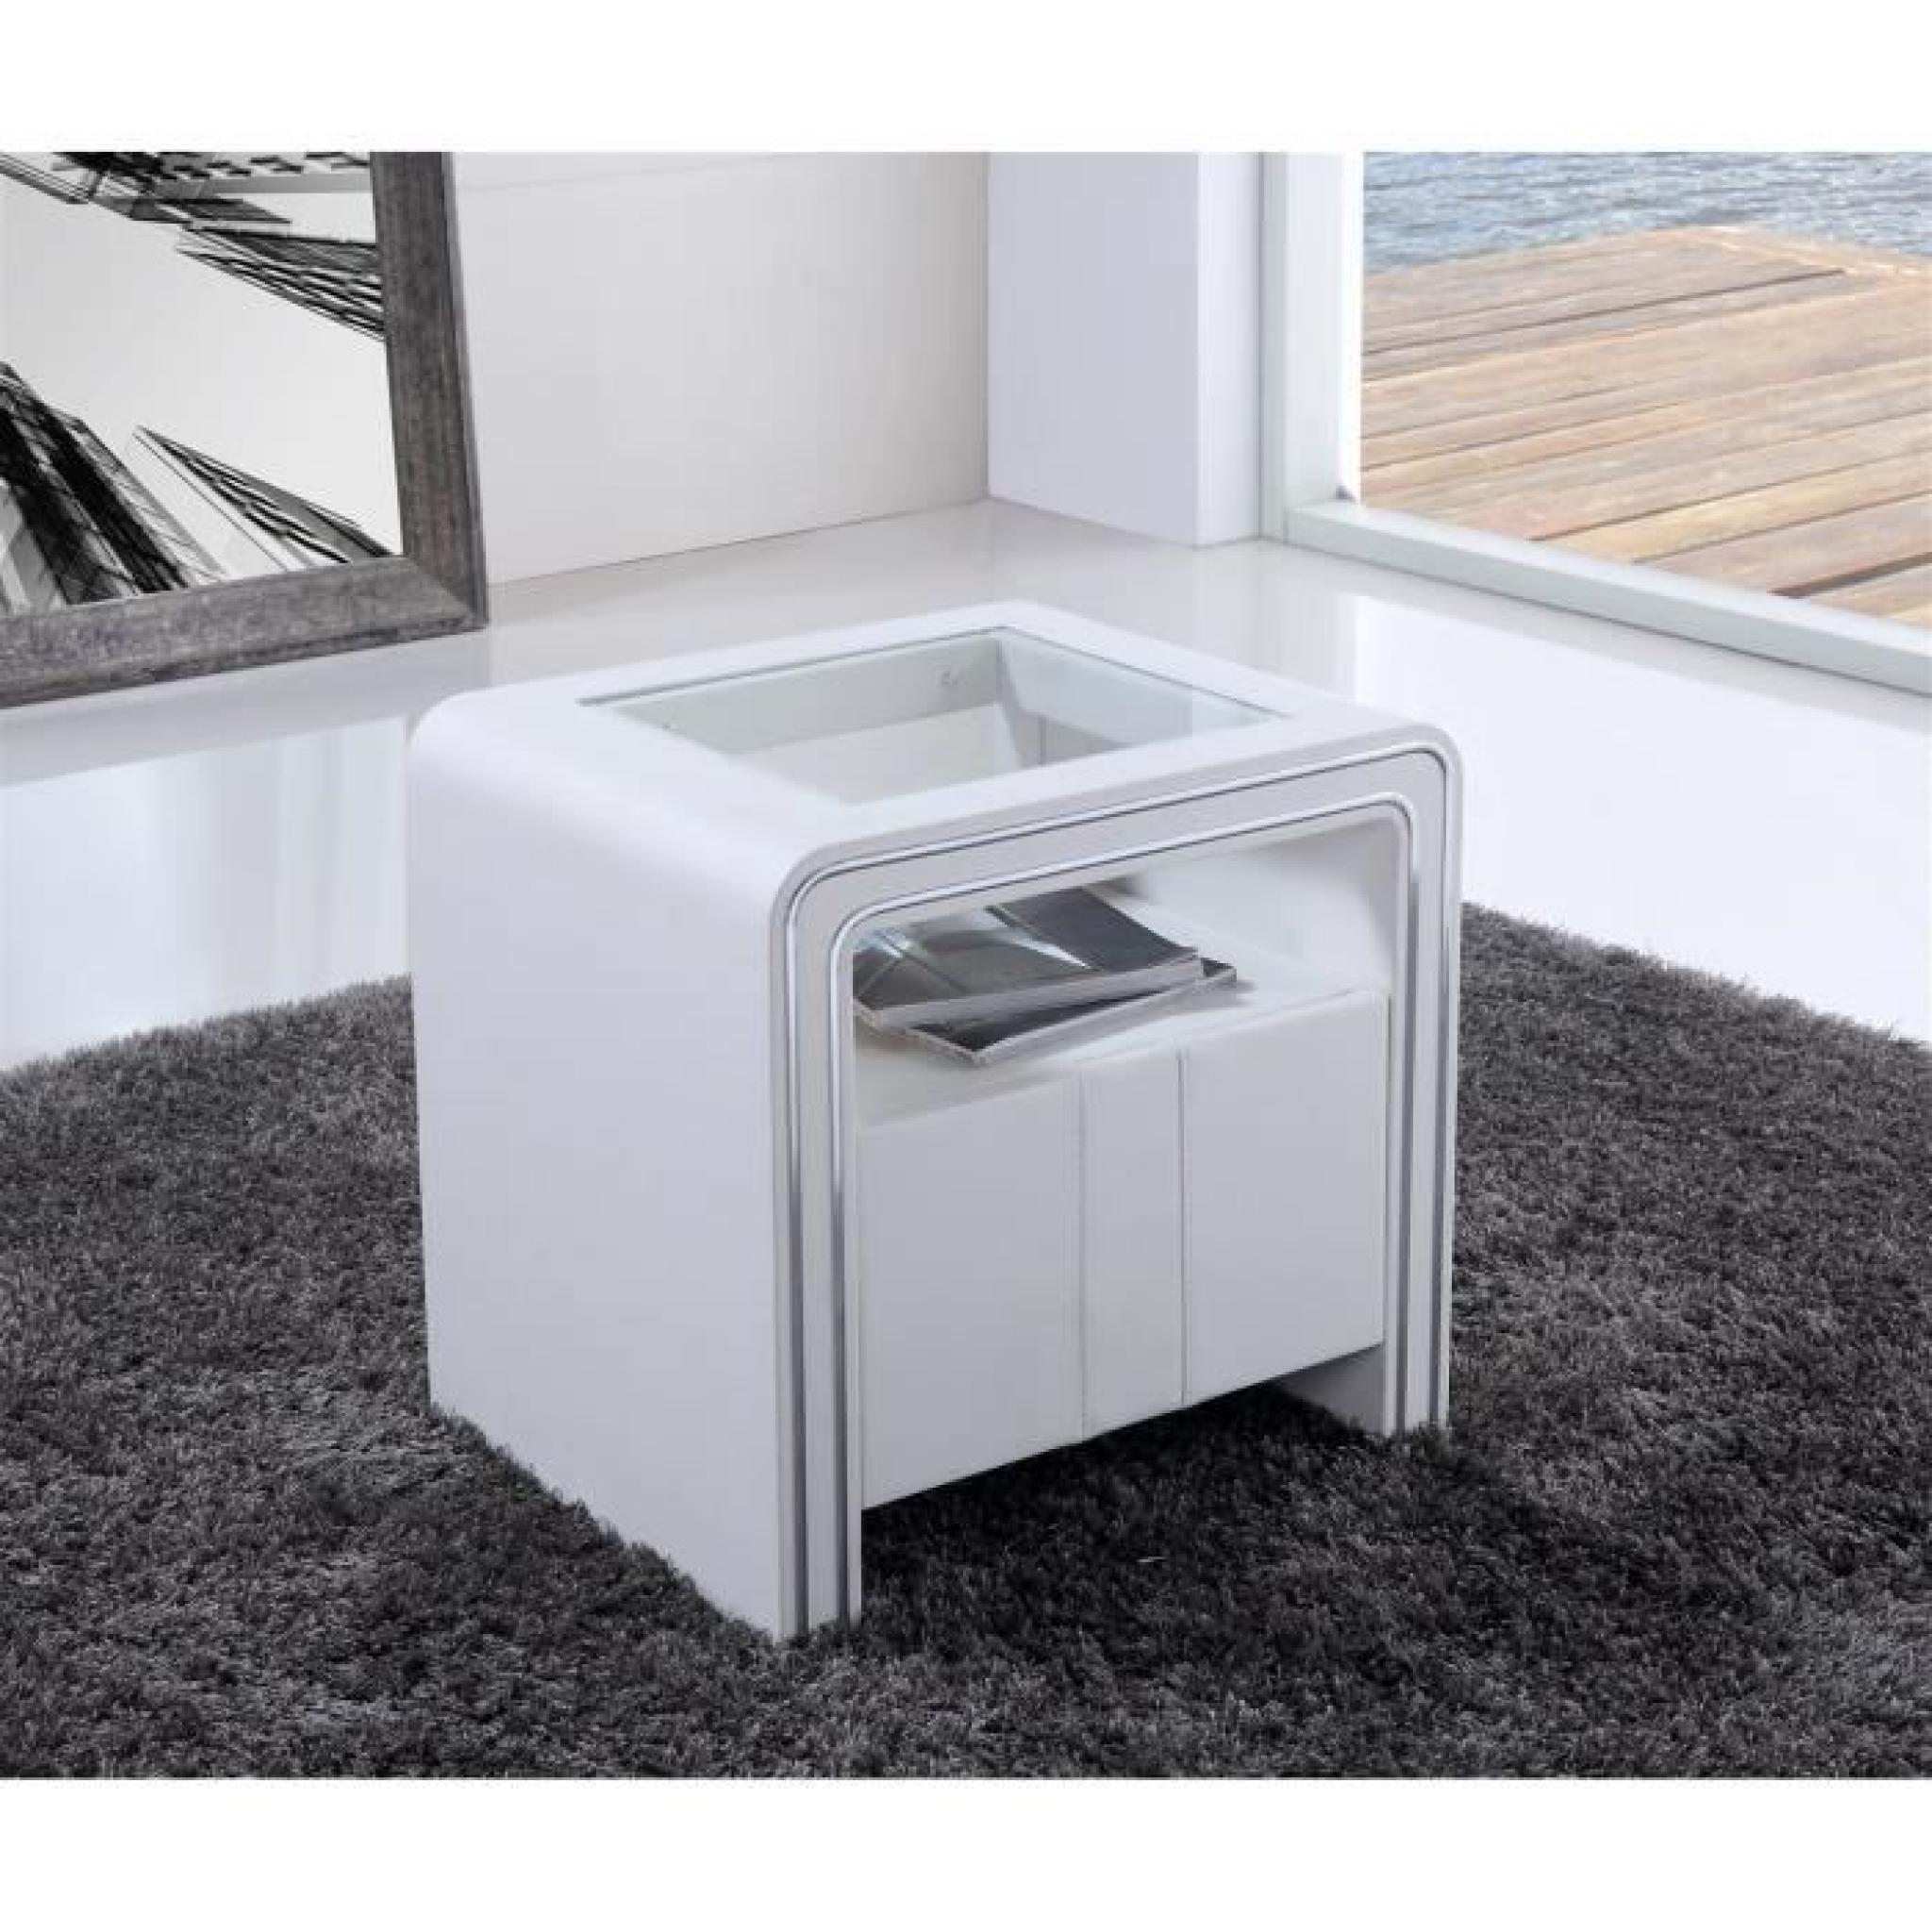 table de chevet s85 blanc simili cuir achat vente table de chevet pas cher couleur et. Black Bedroom Furniture Sets. Home Design Ideas